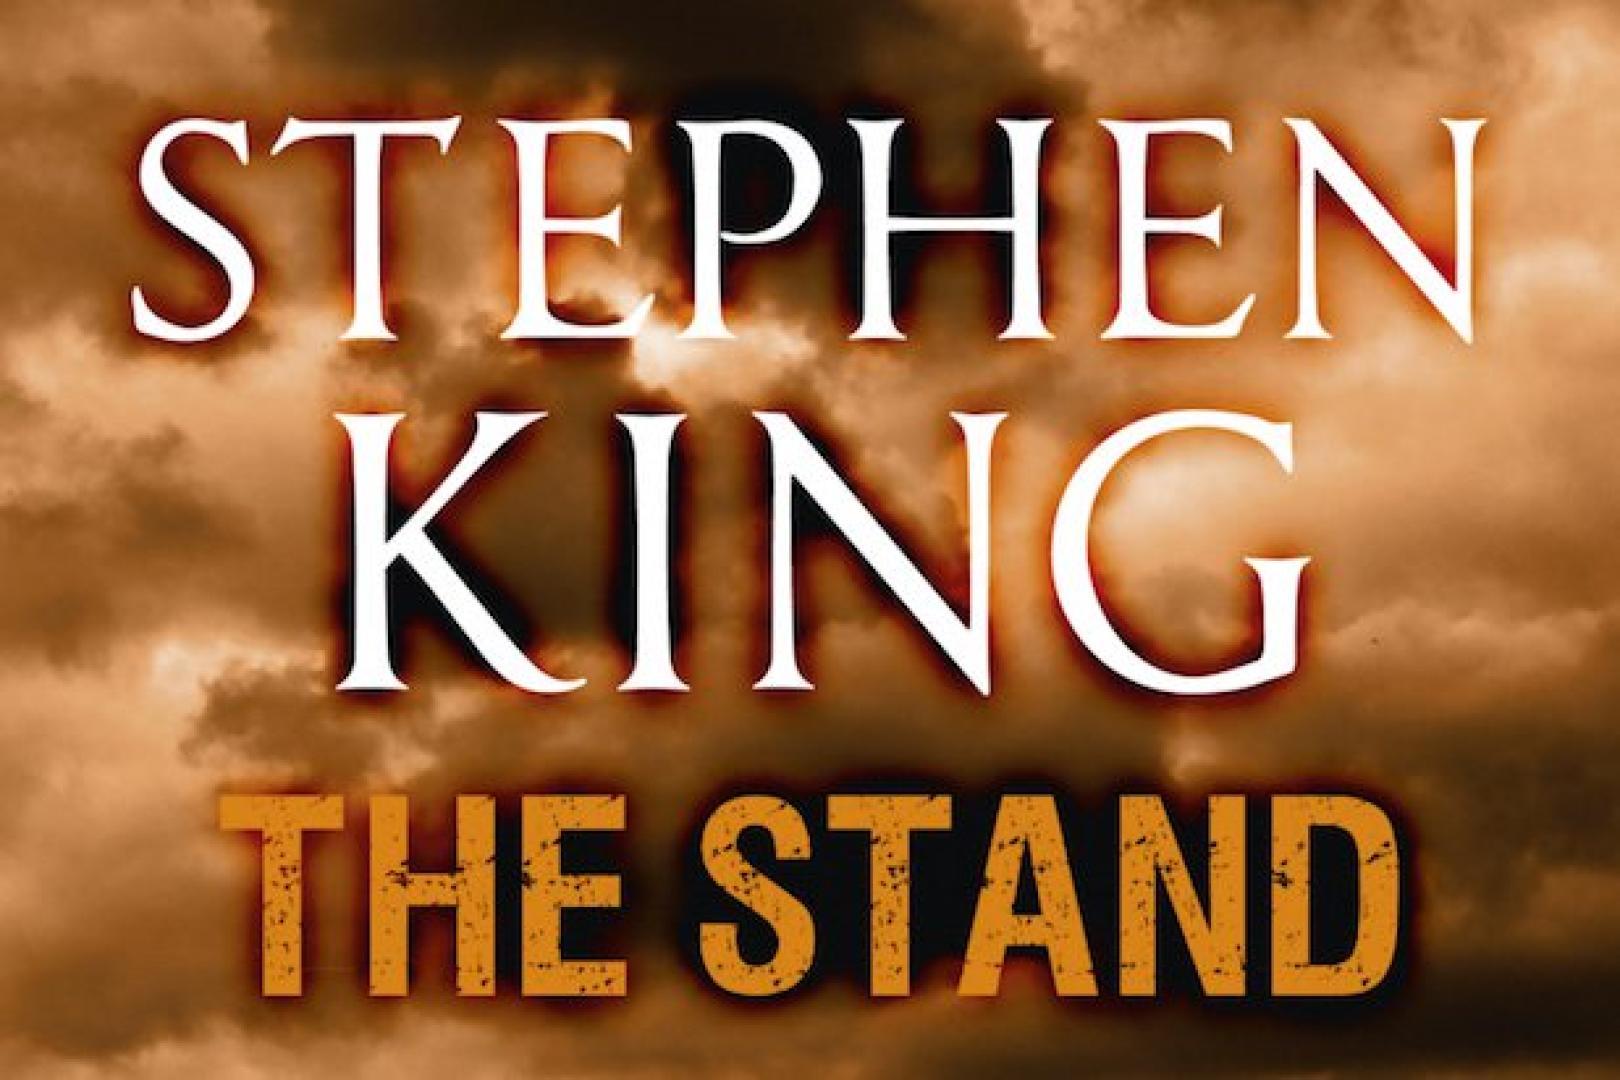 Újabb Stephen King regény kap minisorozatot